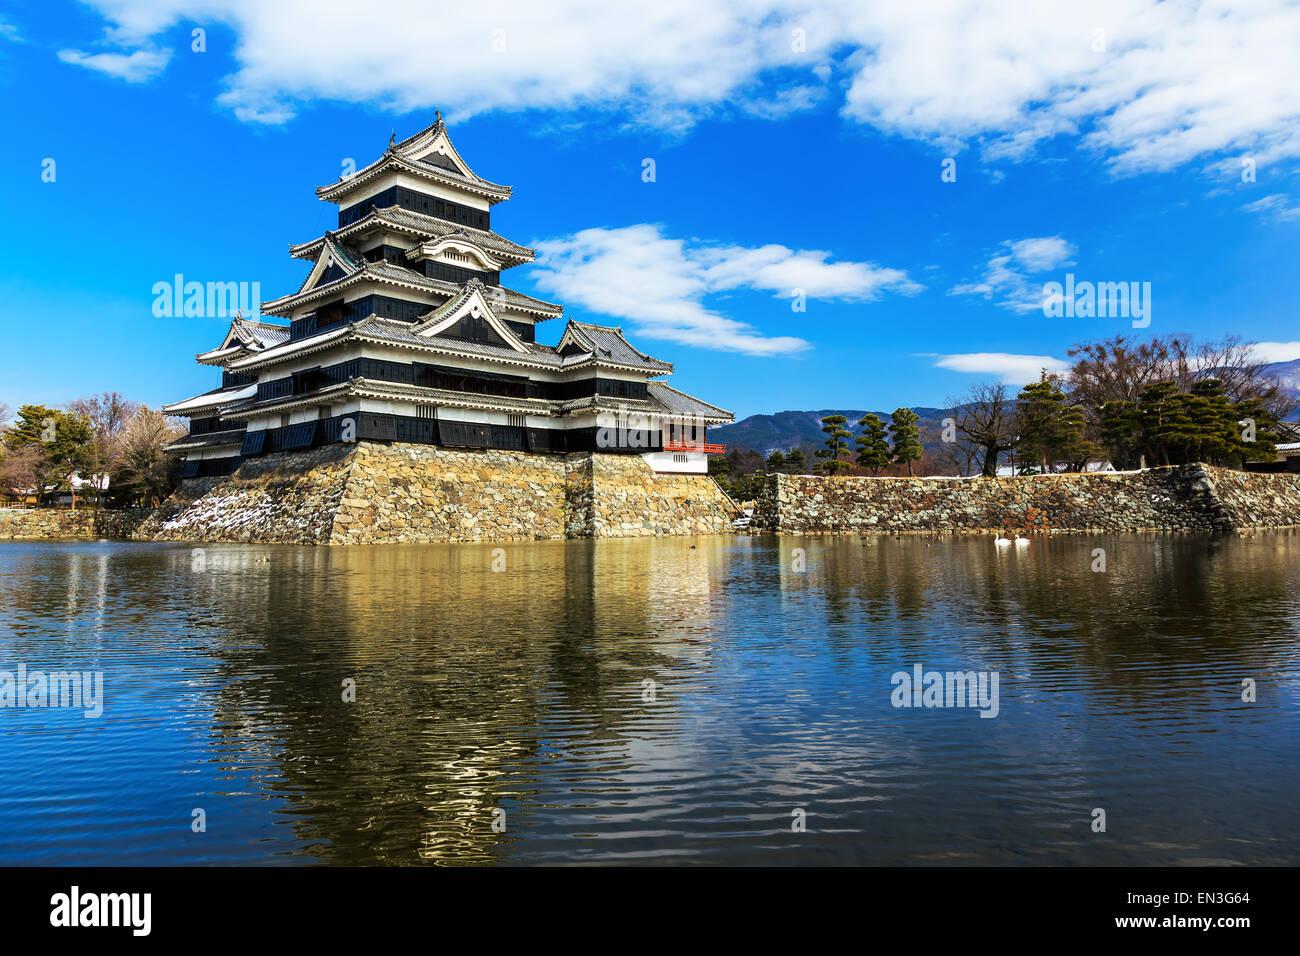 Castillo medieval Matsumoto en la zona oriental de Honshu, Japón Imagen De Stock